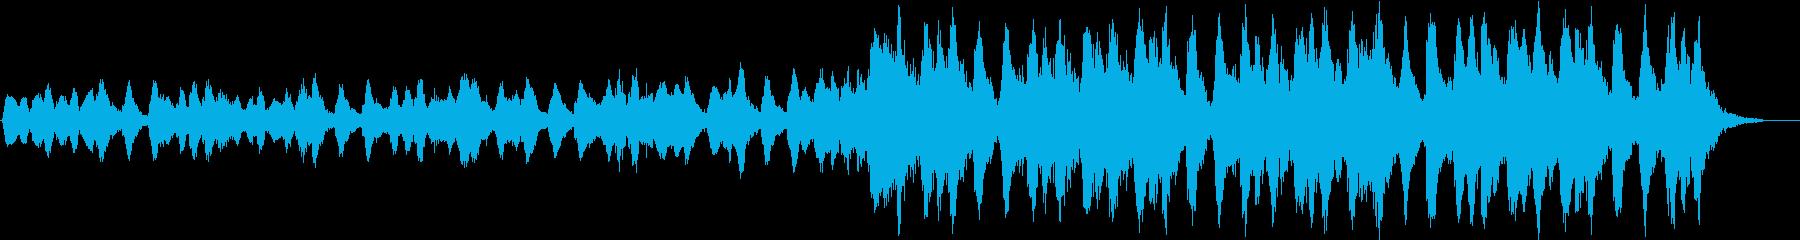 弦楽器のみの緊迫したBGMの再生済みの波形